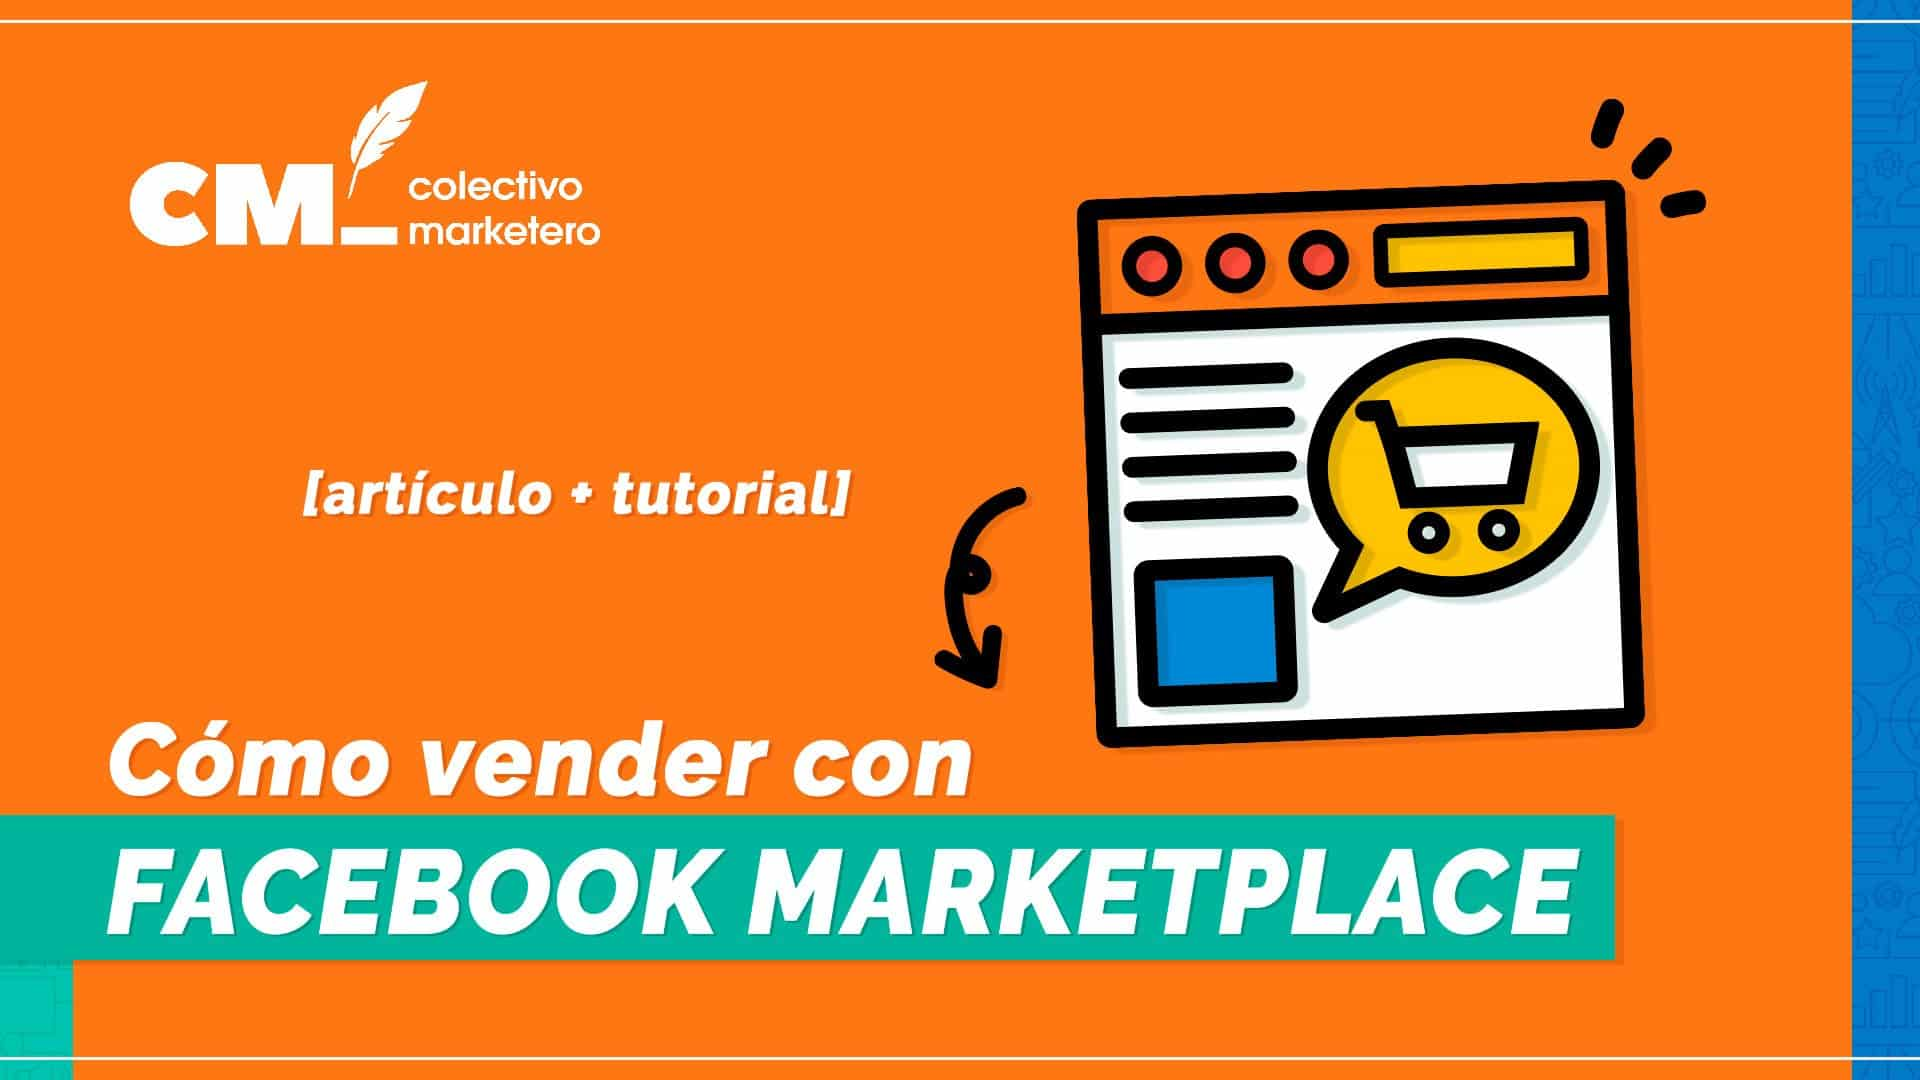 Cómo vender con Facebook Marketplace